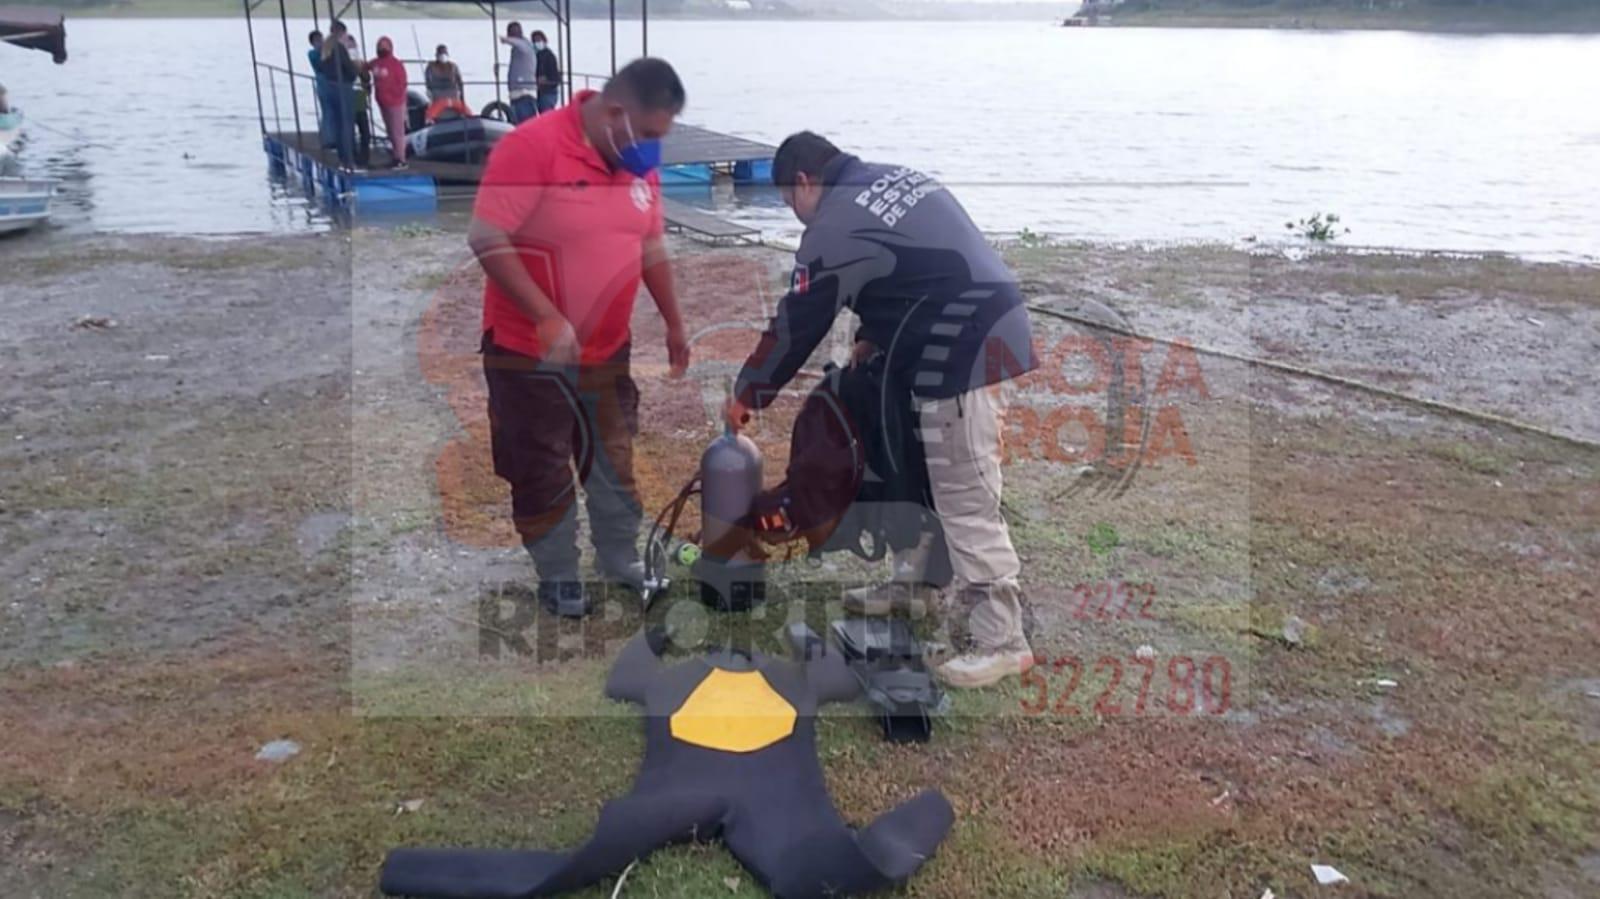 Lanchero de 70 años perdió la vida ahogado en El Oasis de Valsequillo